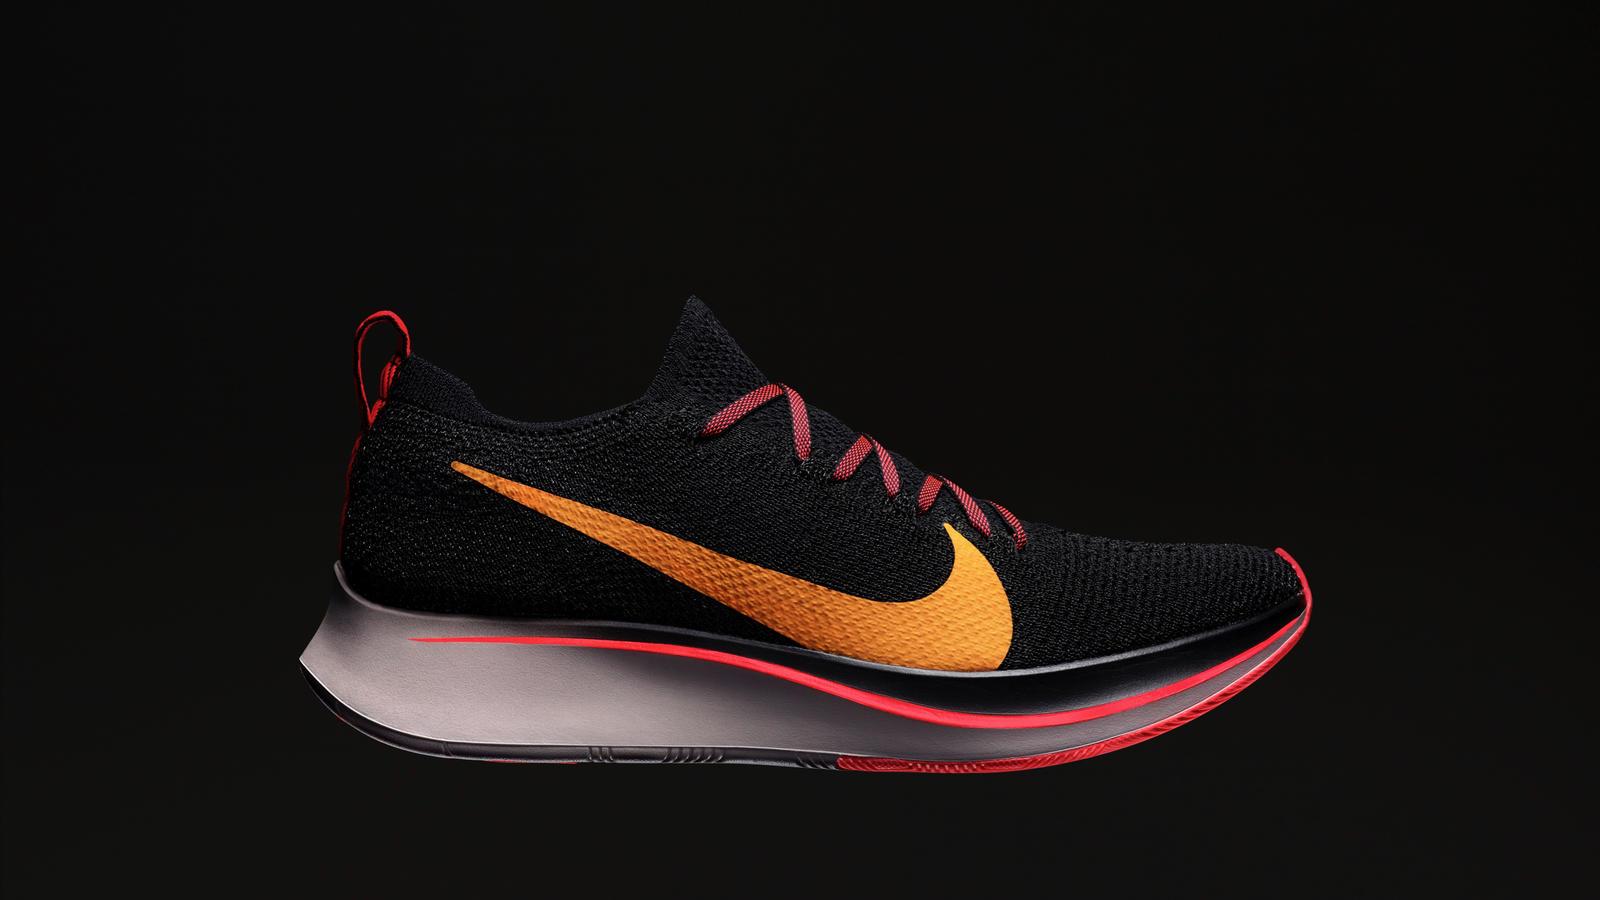 pretty nice d3a2c 3c68a Nike Zoom Vaporfly 4% Flyknit – O queridinho de atletas de elite, como o  maratonista mais rápido de todos os tempos Eliud Kipchoge, traz como  principal ...